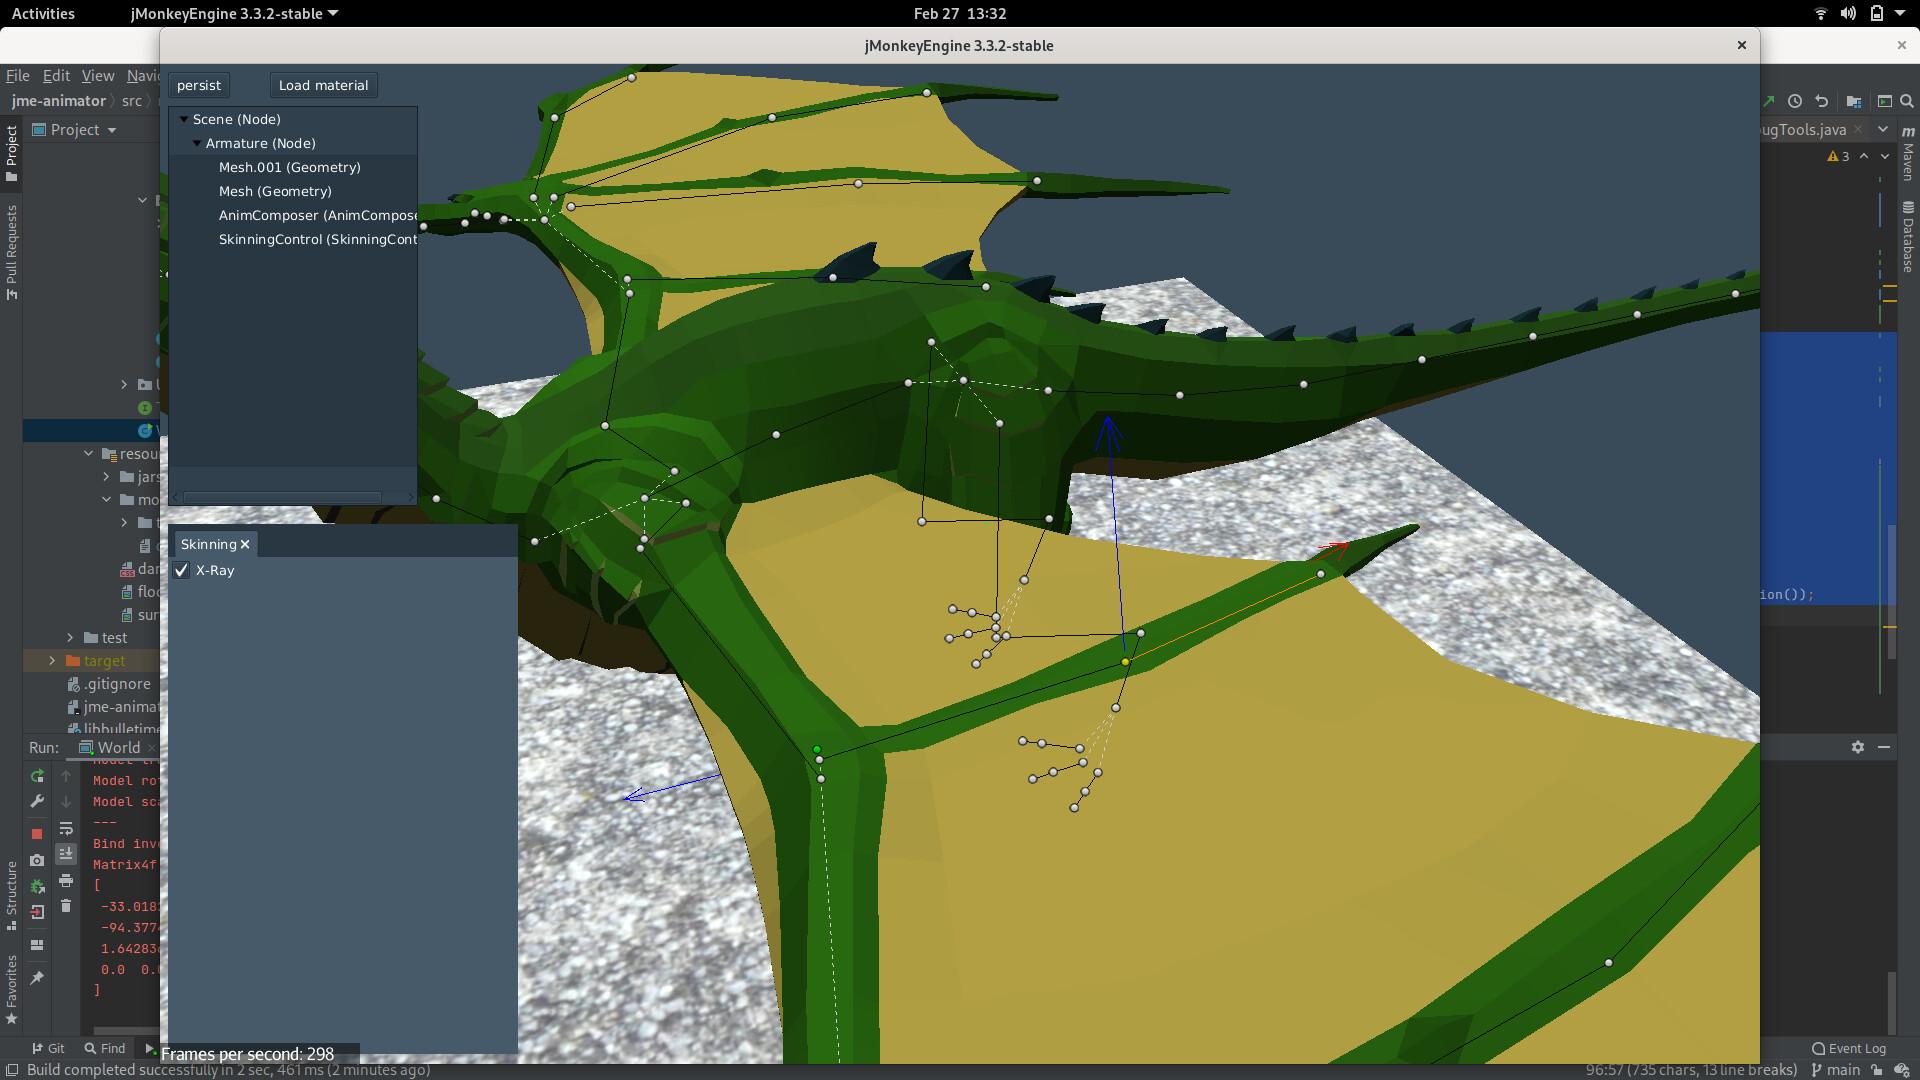 Screenshot from 2021-02-27 13-32-47